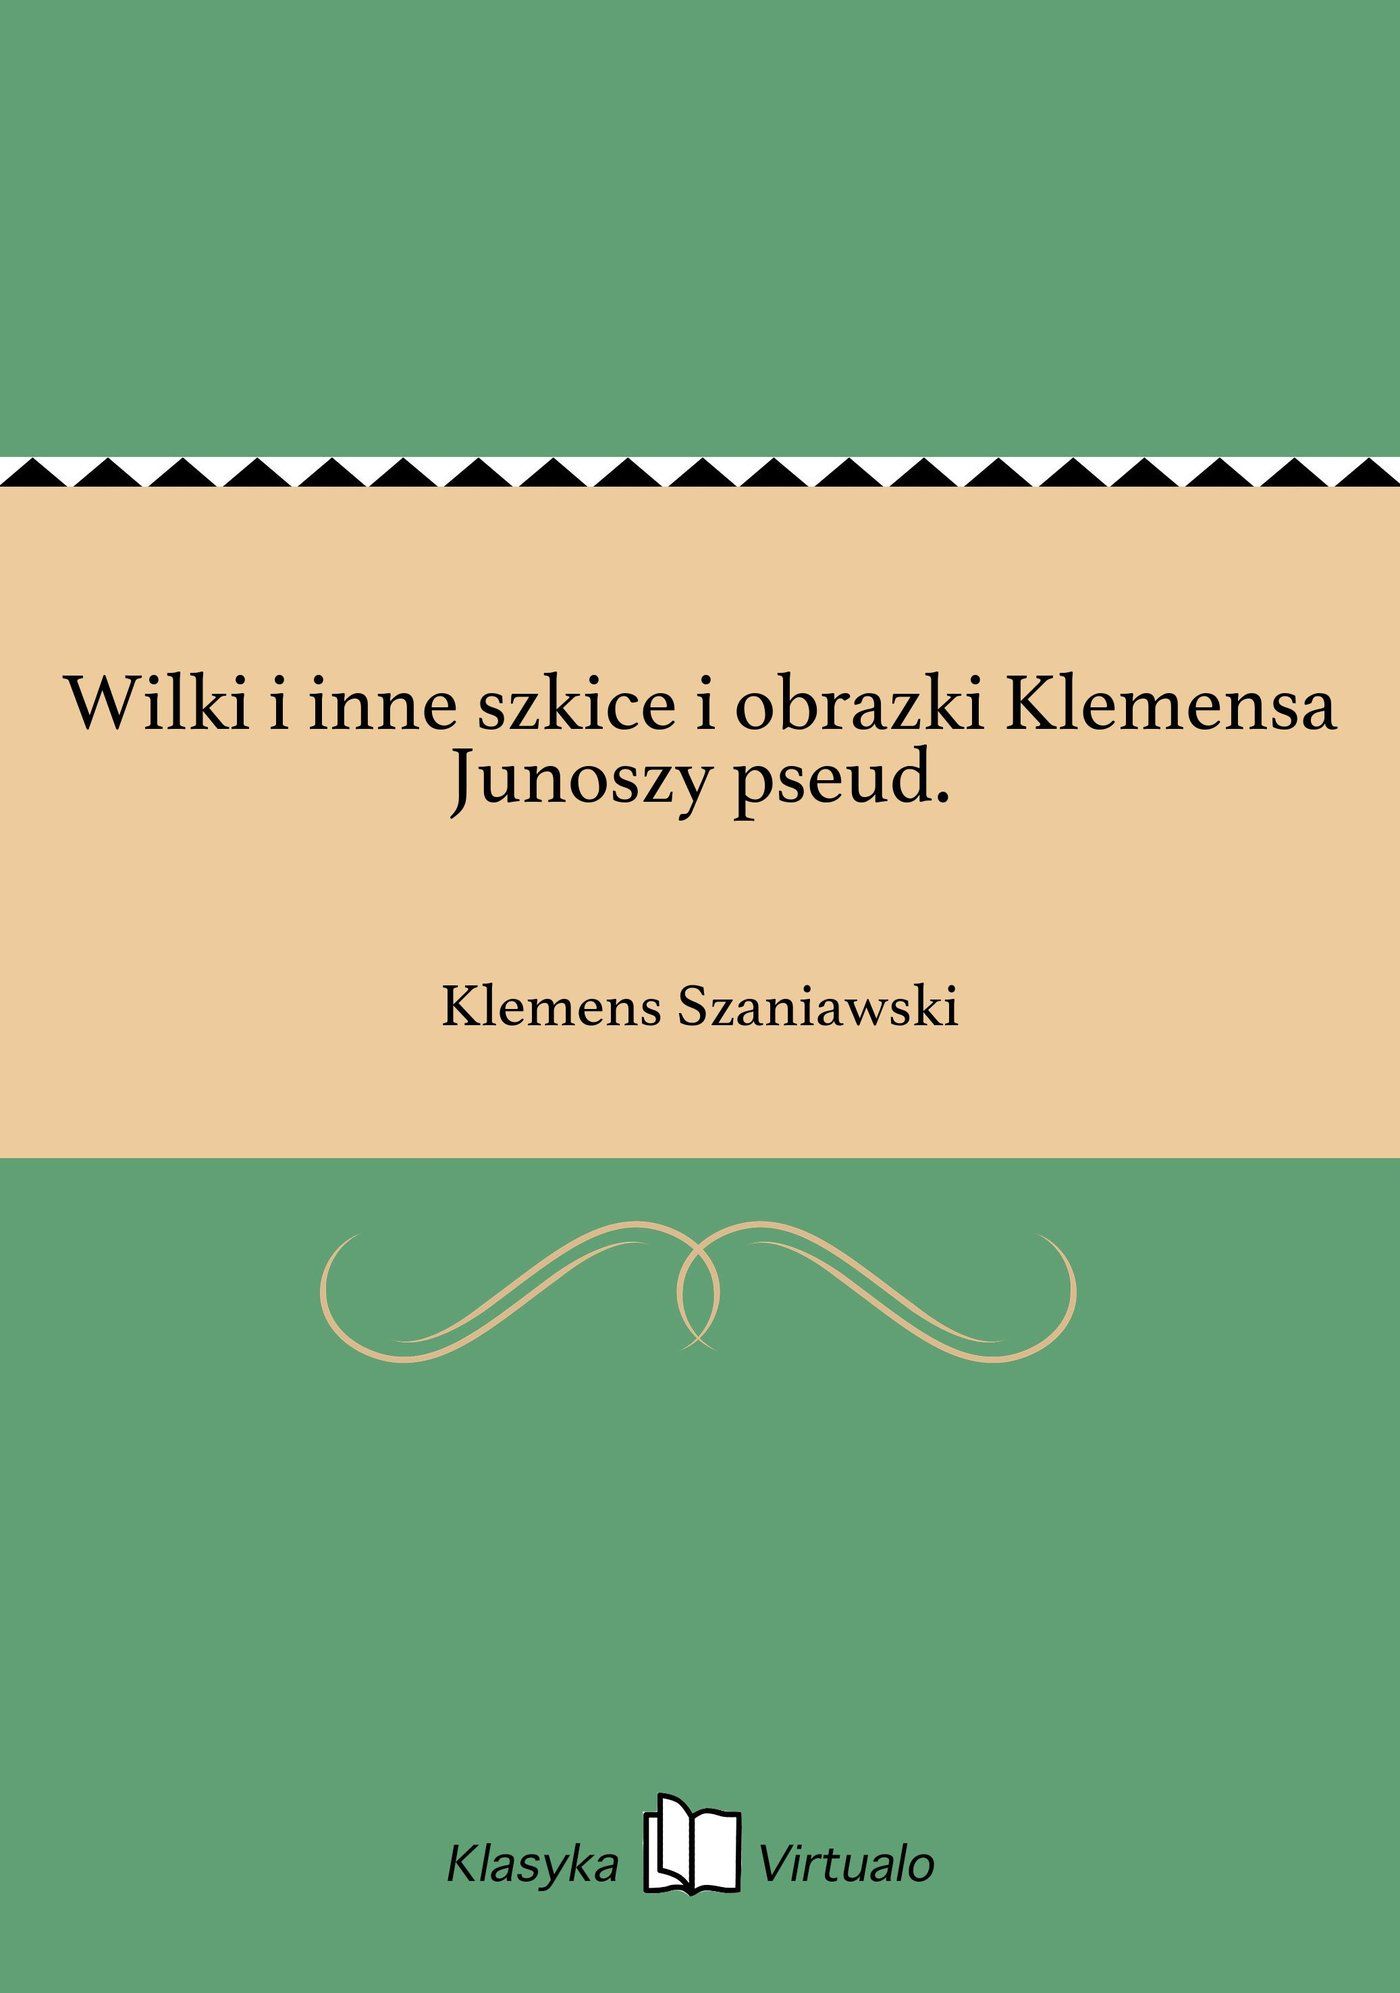 Wilki i inne szkice i obrazki Klemensa Junoszy pseud. - Ebook (Książka EPUB) do pobrania w formacie EPUB